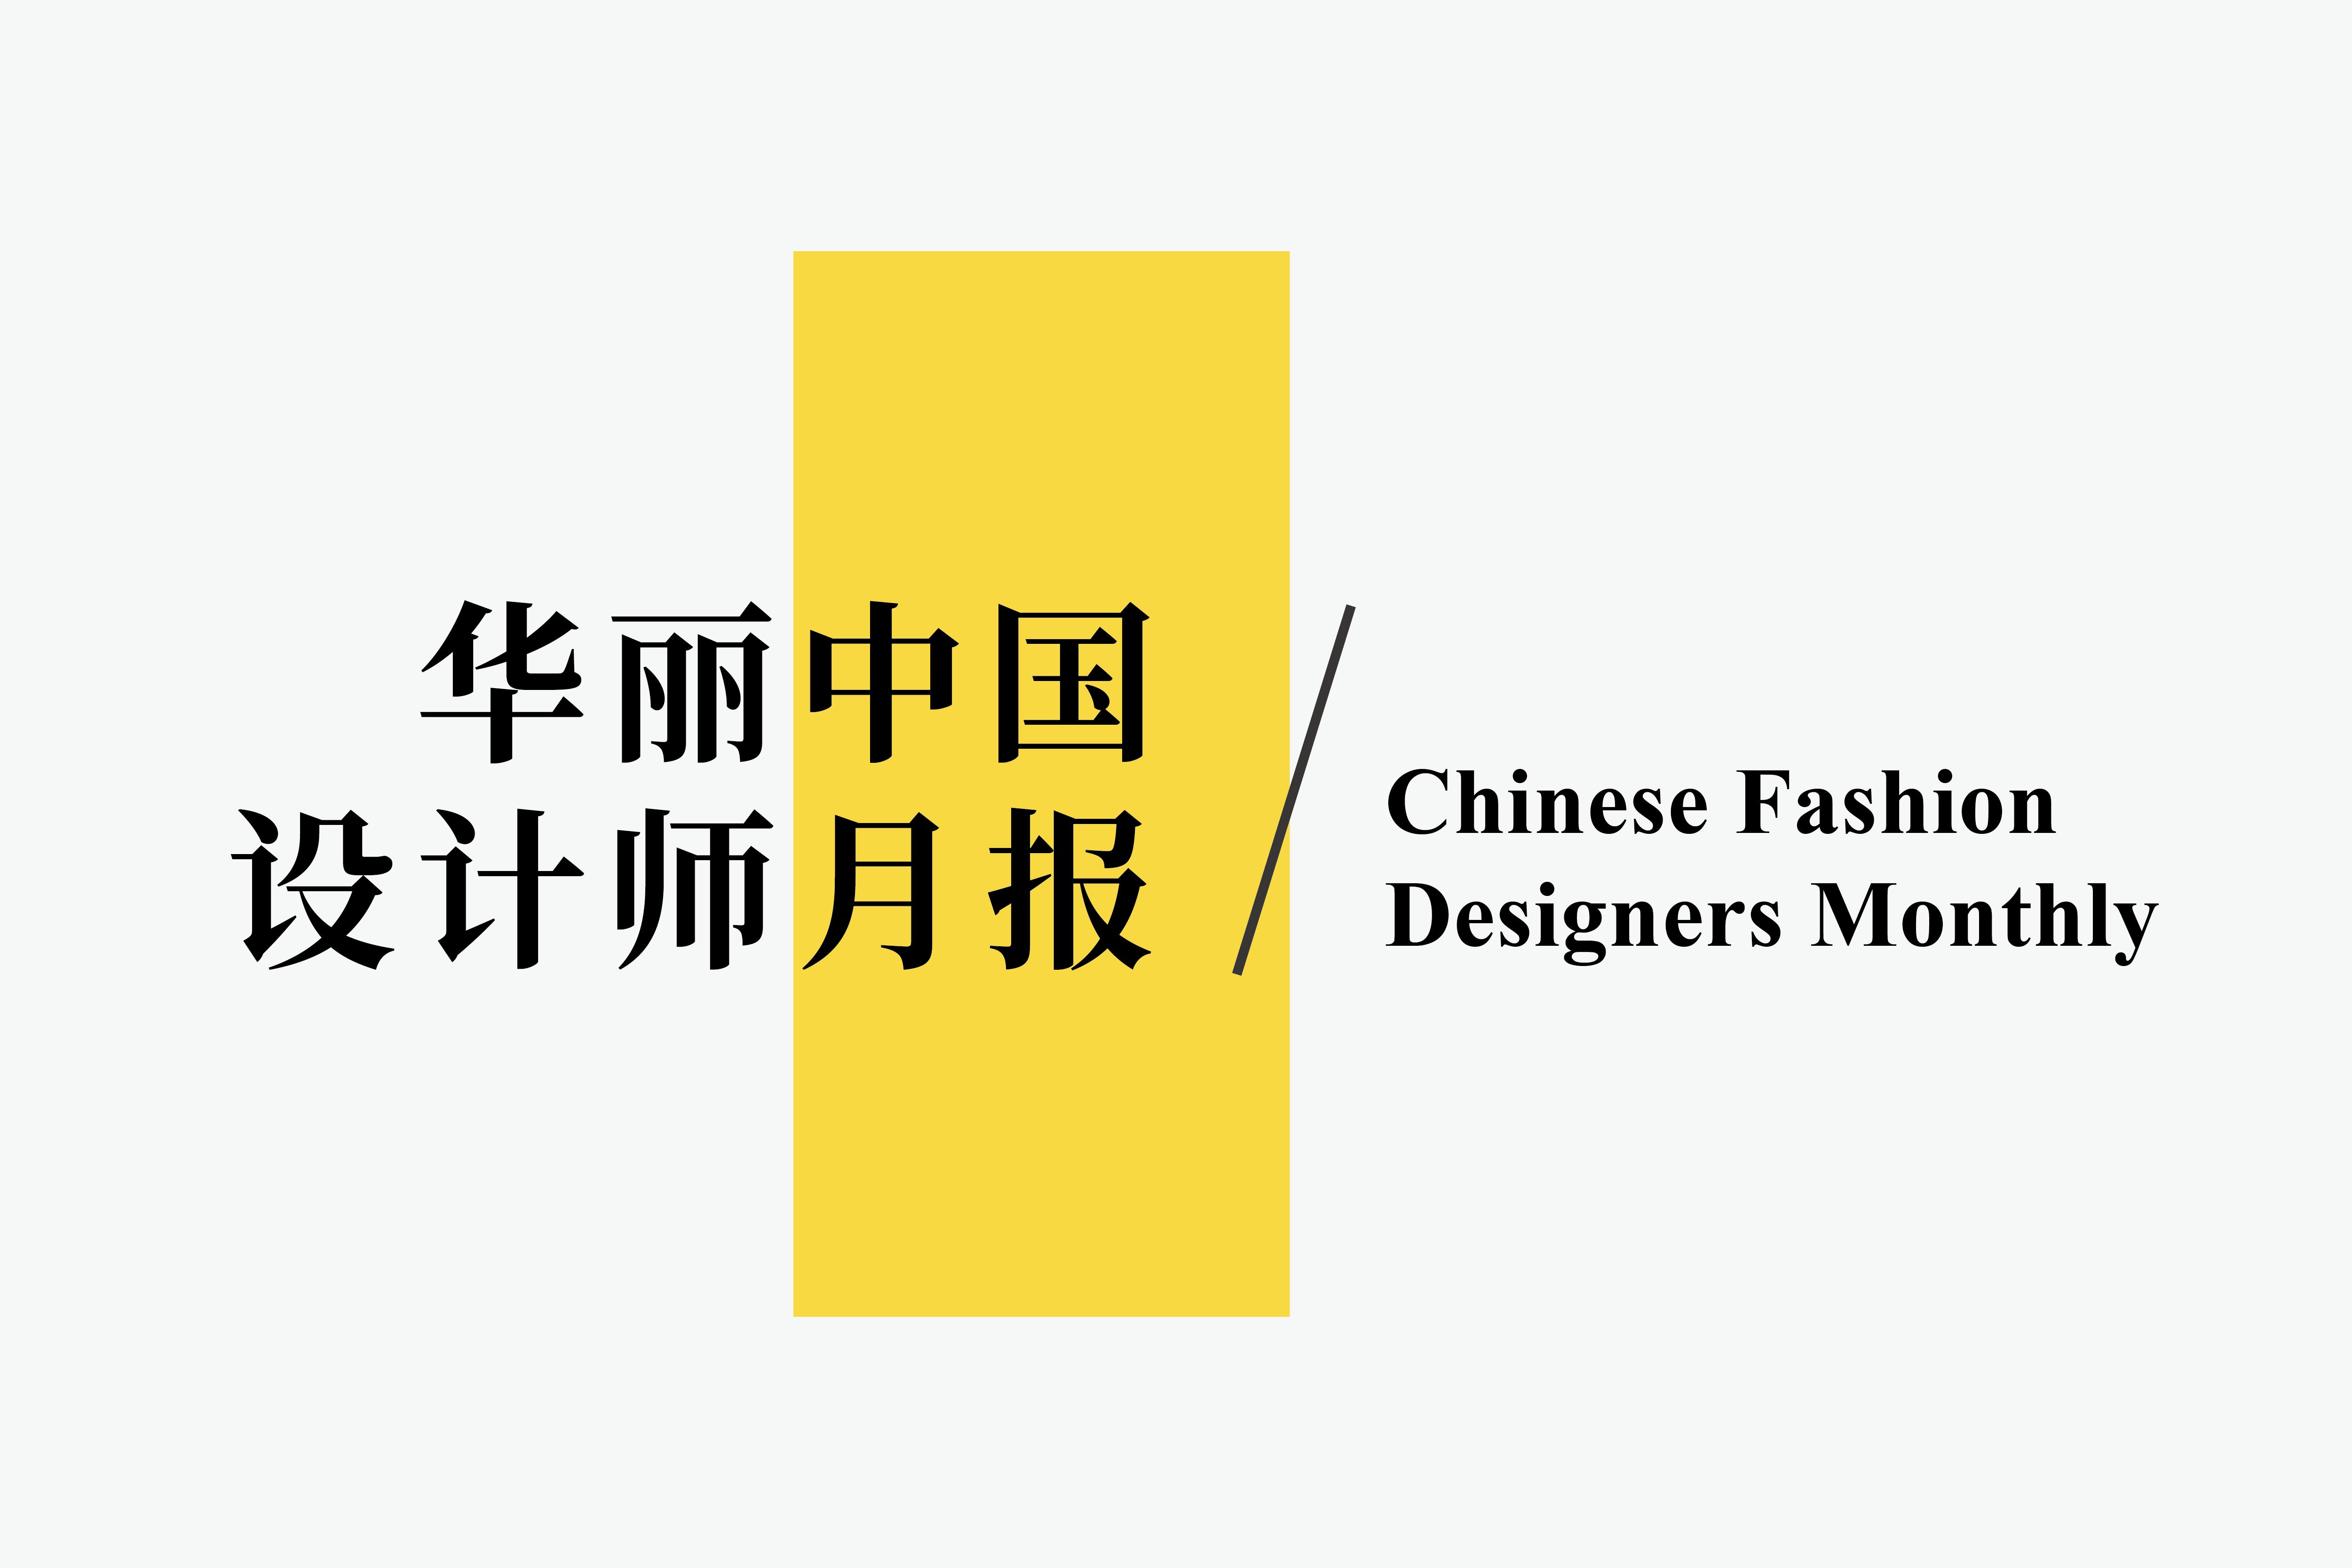 Uma Wang与宝马跨界合作;郭培手绘滑板参与慈善拍卖 | 华丽志设计师月报(7月)